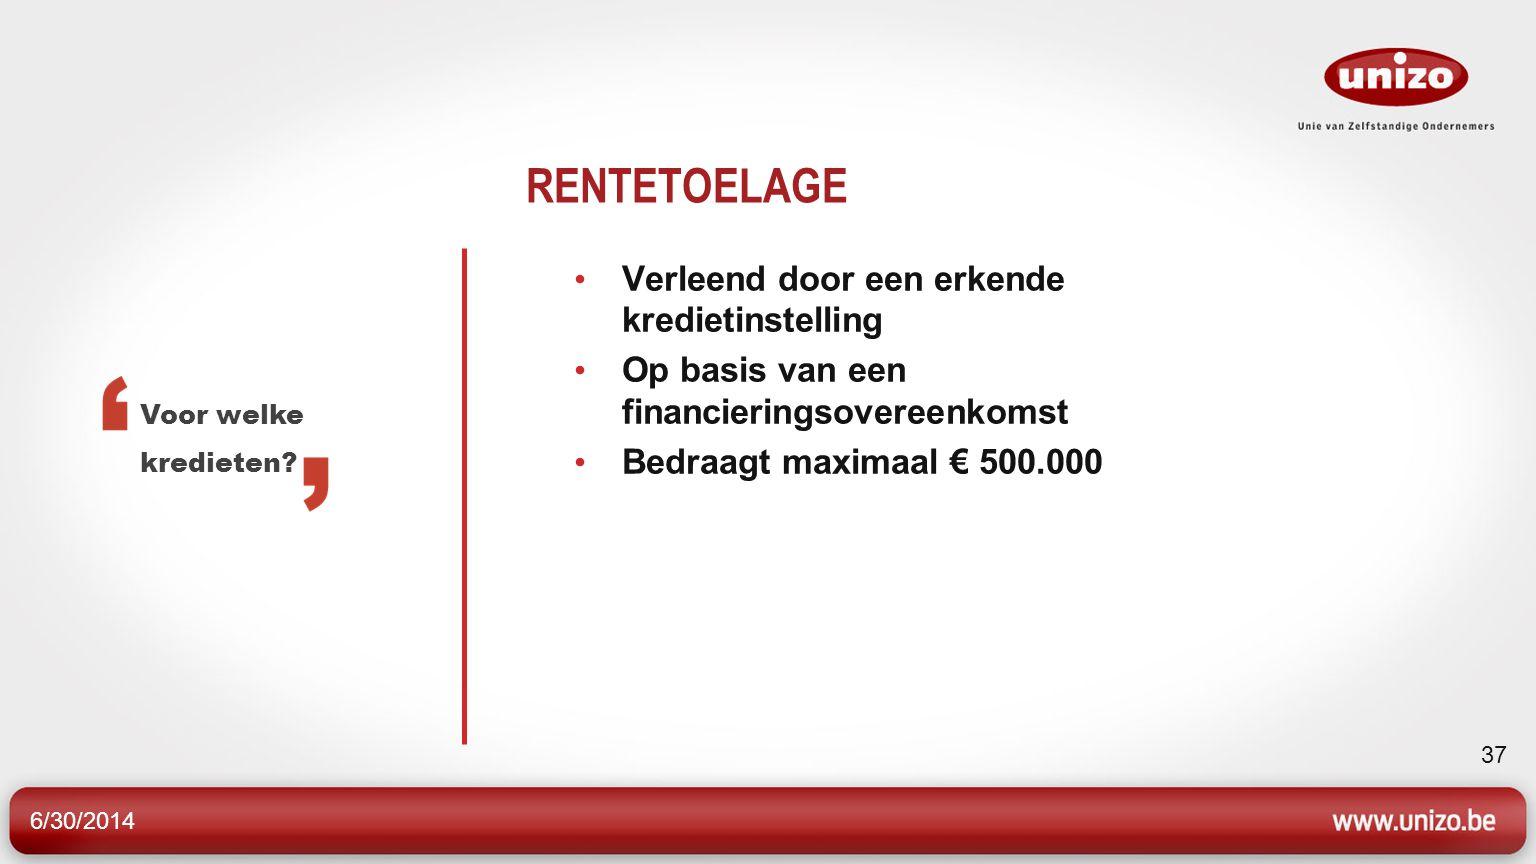 6/30/2014 37 RENTETOELAGE • Verleend door een erkende kredietinstelling • Op basis van een financieringsovereenkomst • Bedraagt maximaal € 500.000 Voor welke kredieten